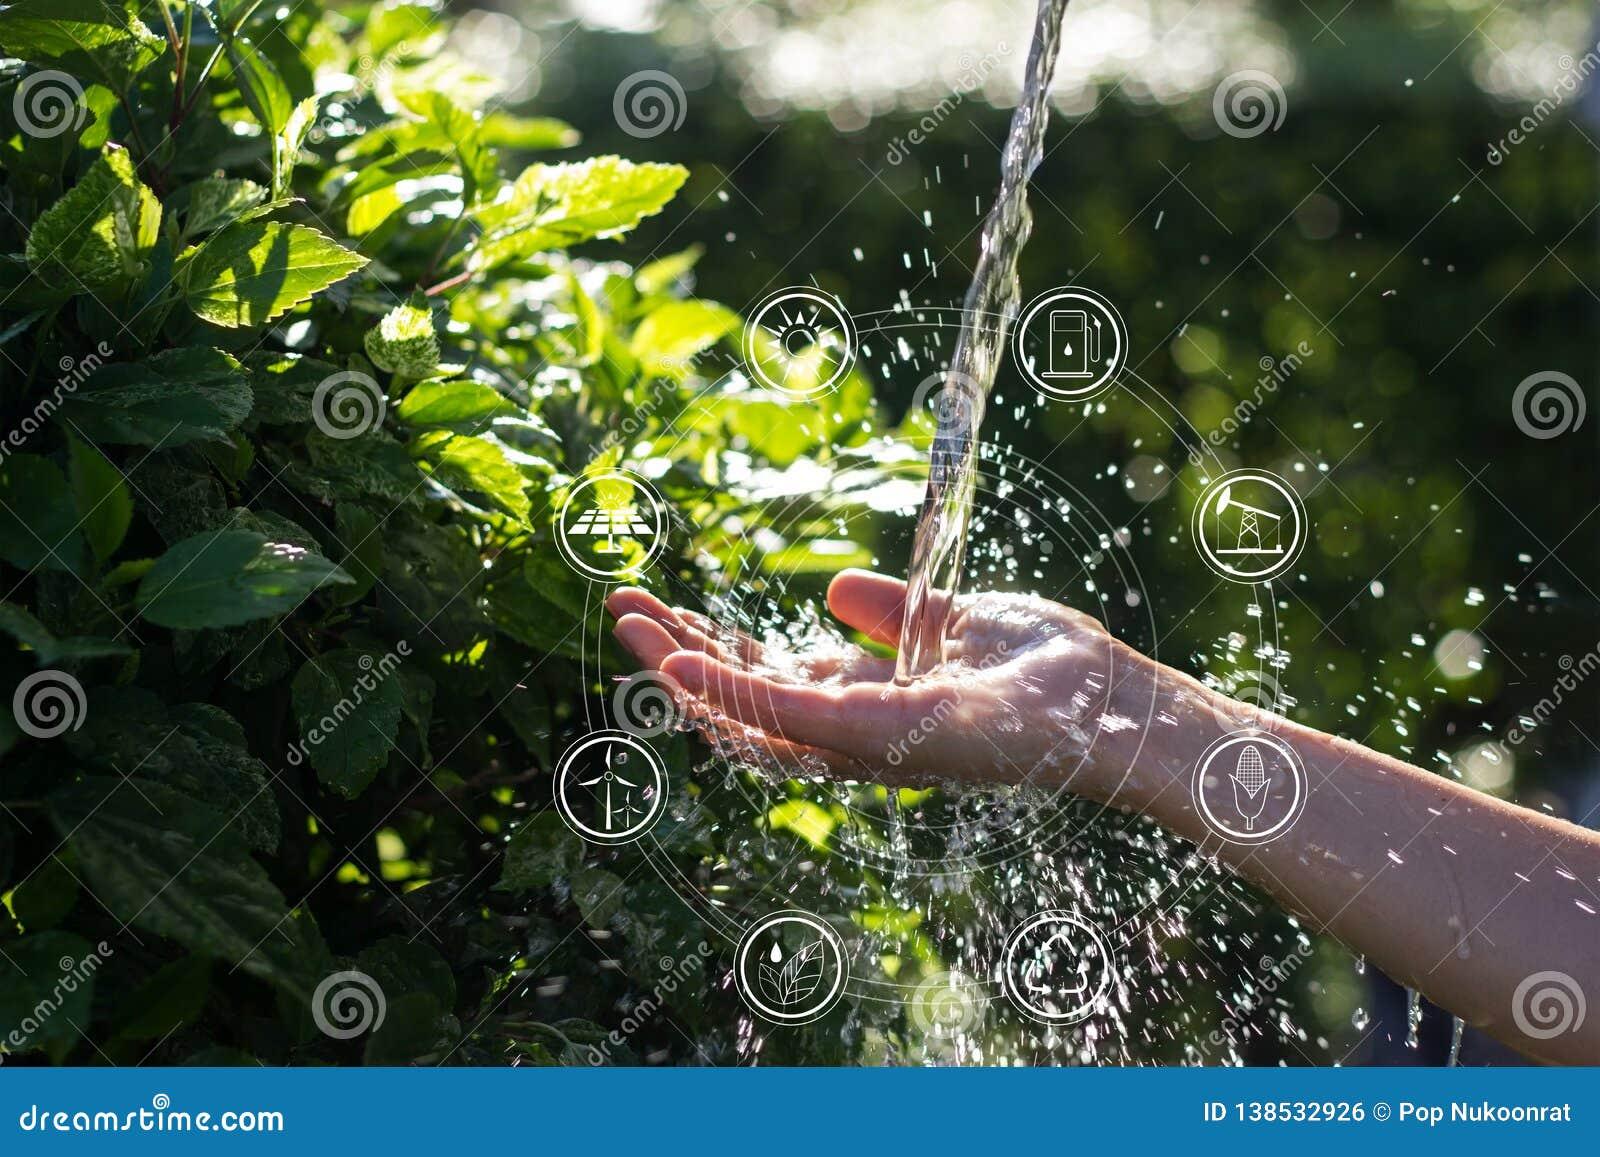 Έκχυση νερού στο χέρι γυναικών με τις πηγές ενέργειας εικονιδίων για ανανεώσιμο, βιώσιμη ανάπτυξη Οικολογία